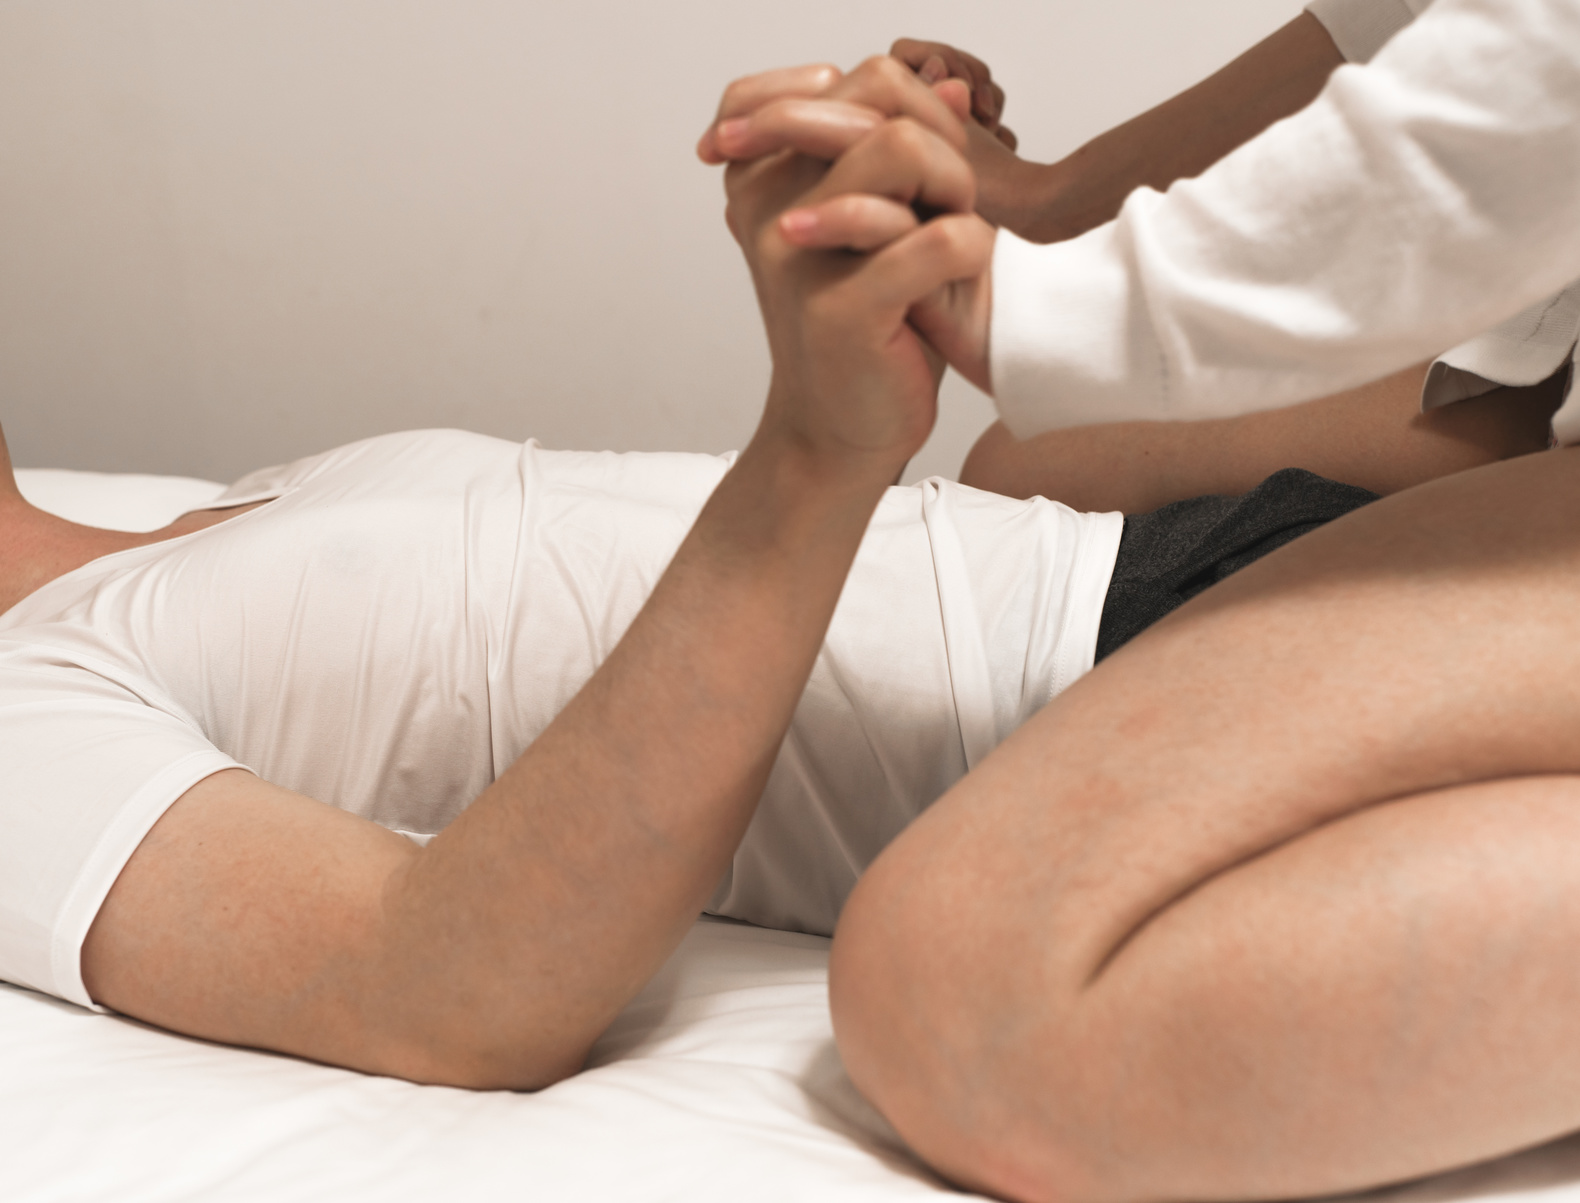 mršave djevojke u porniću